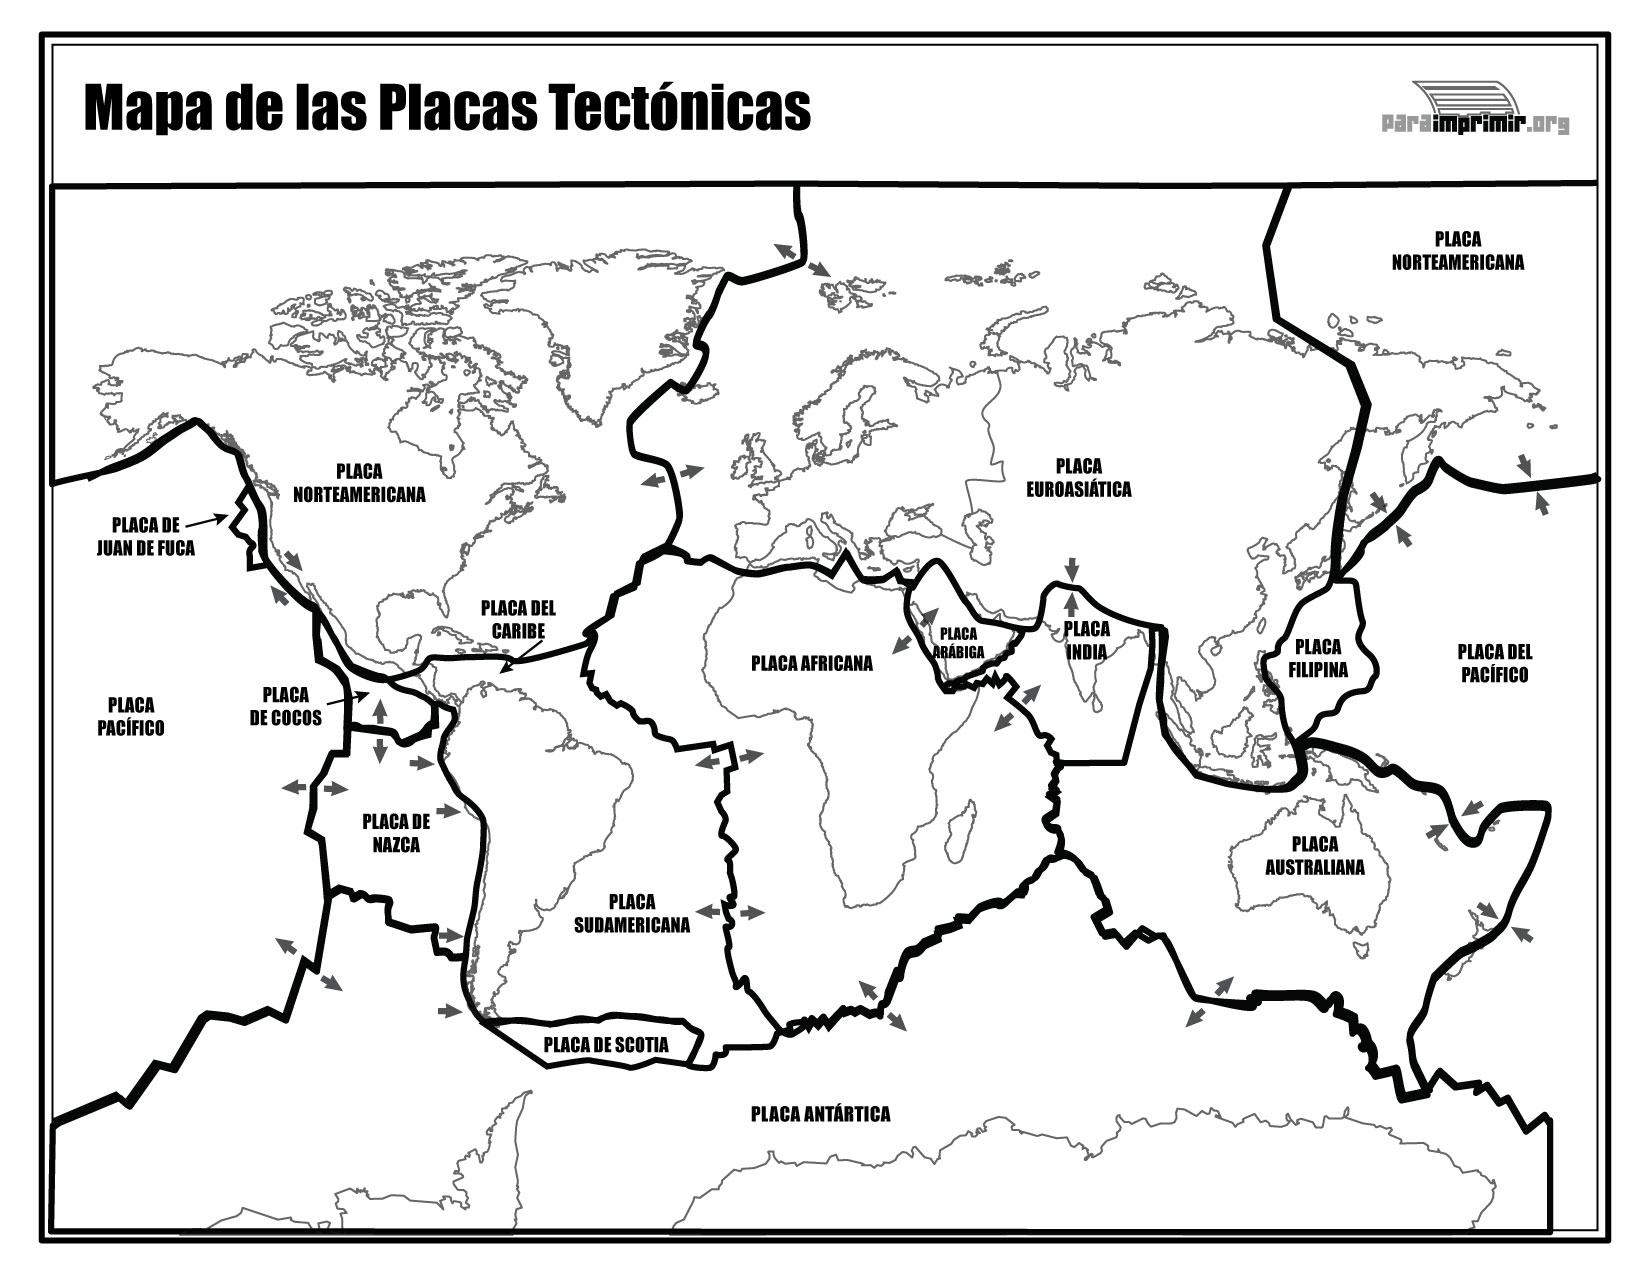 Mapa De Las Placas Tectónicas Para Imprimir